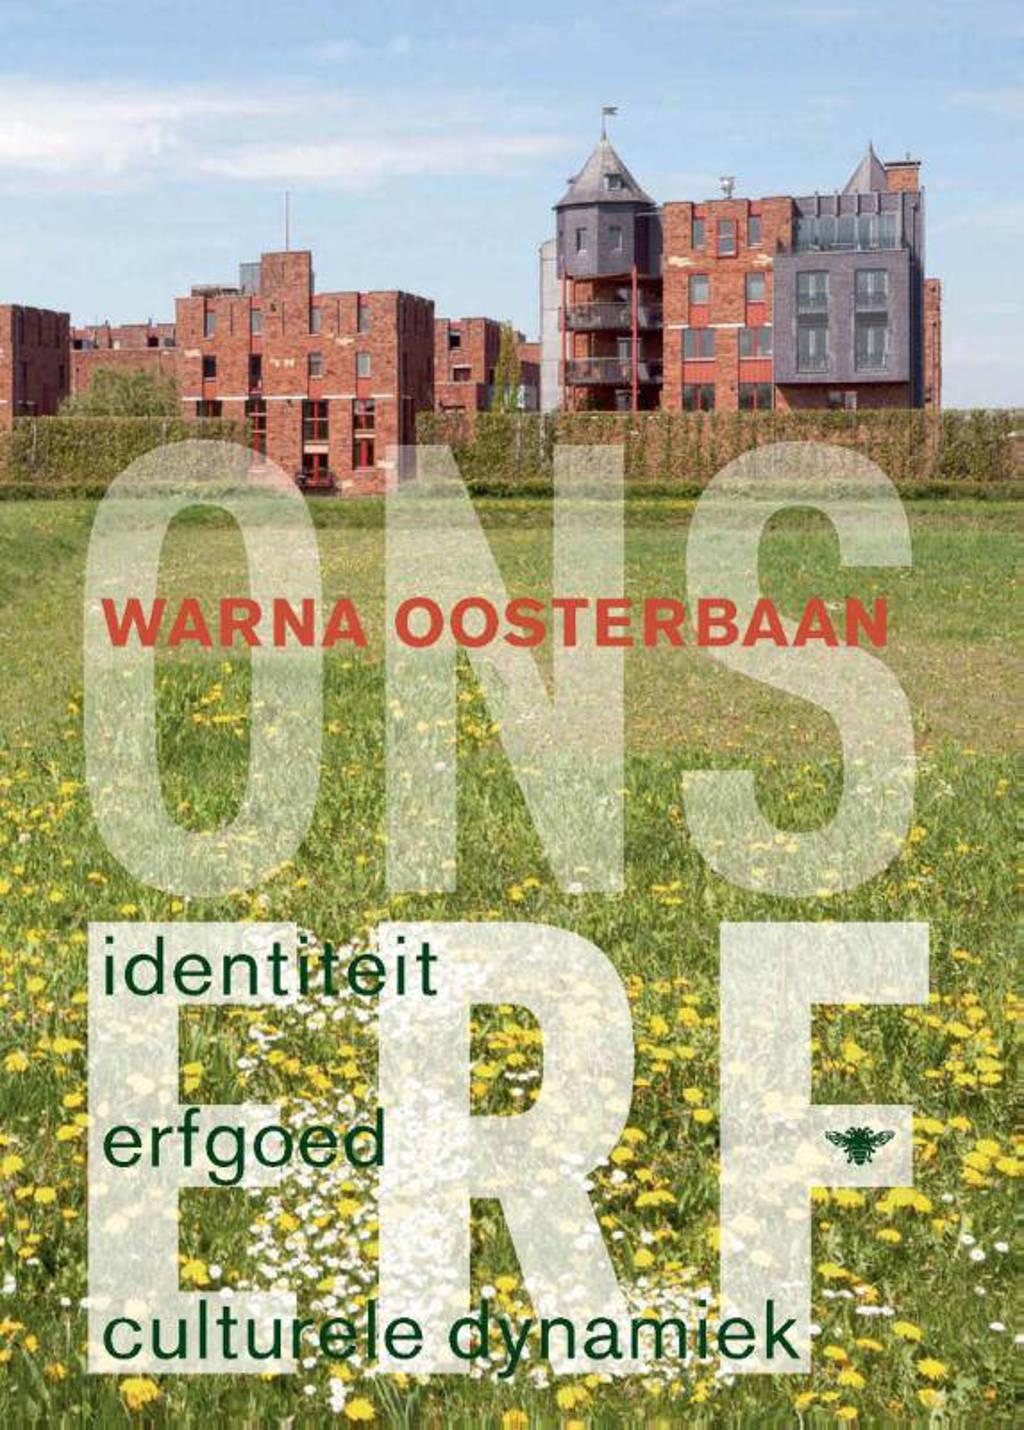 Ons erf - Warna Oosterbaan